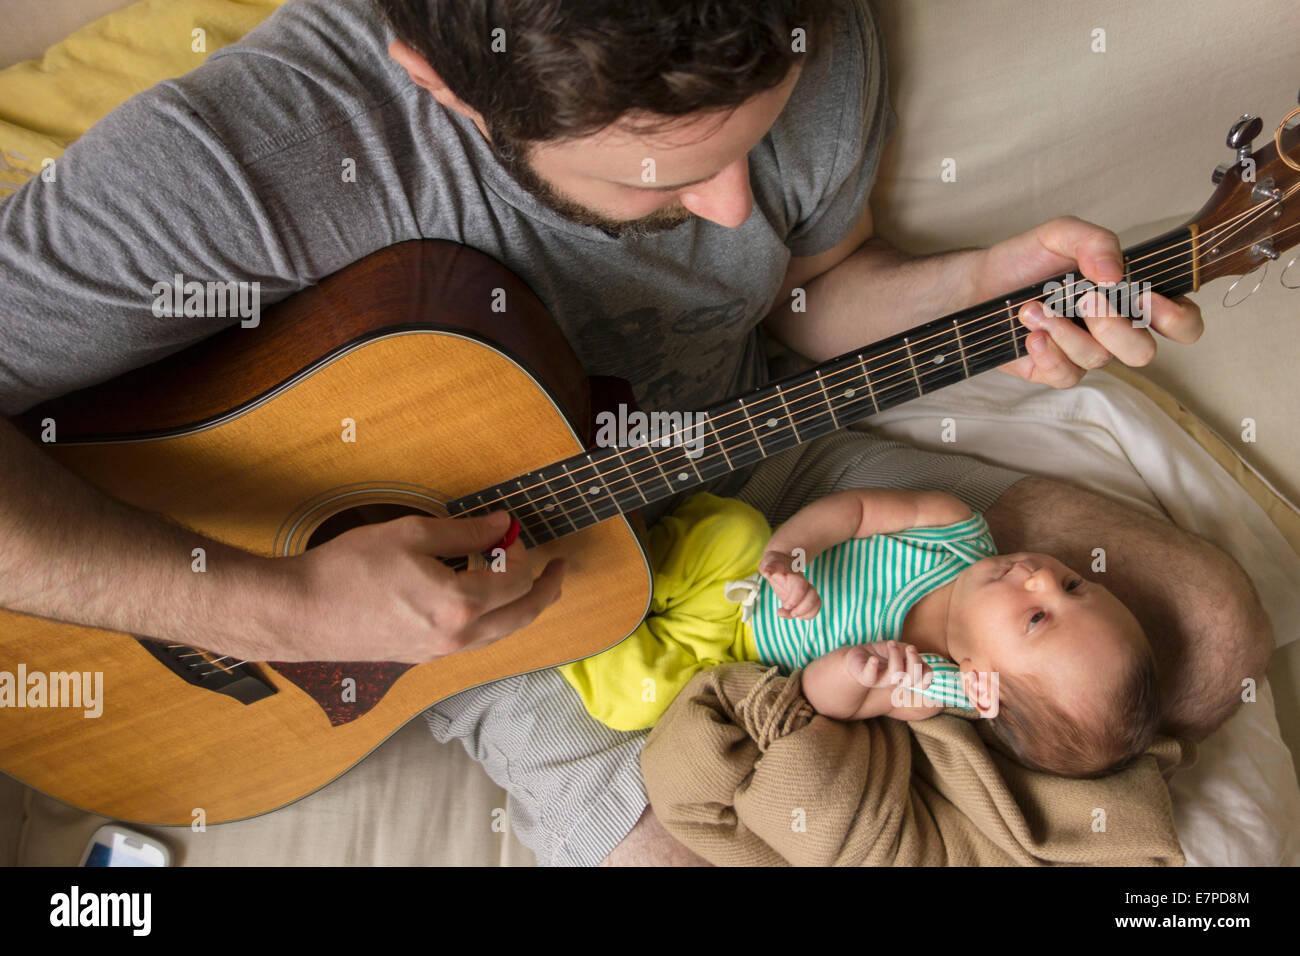 Padre tocando la guitarra para su hija recién nacida Foto de stock